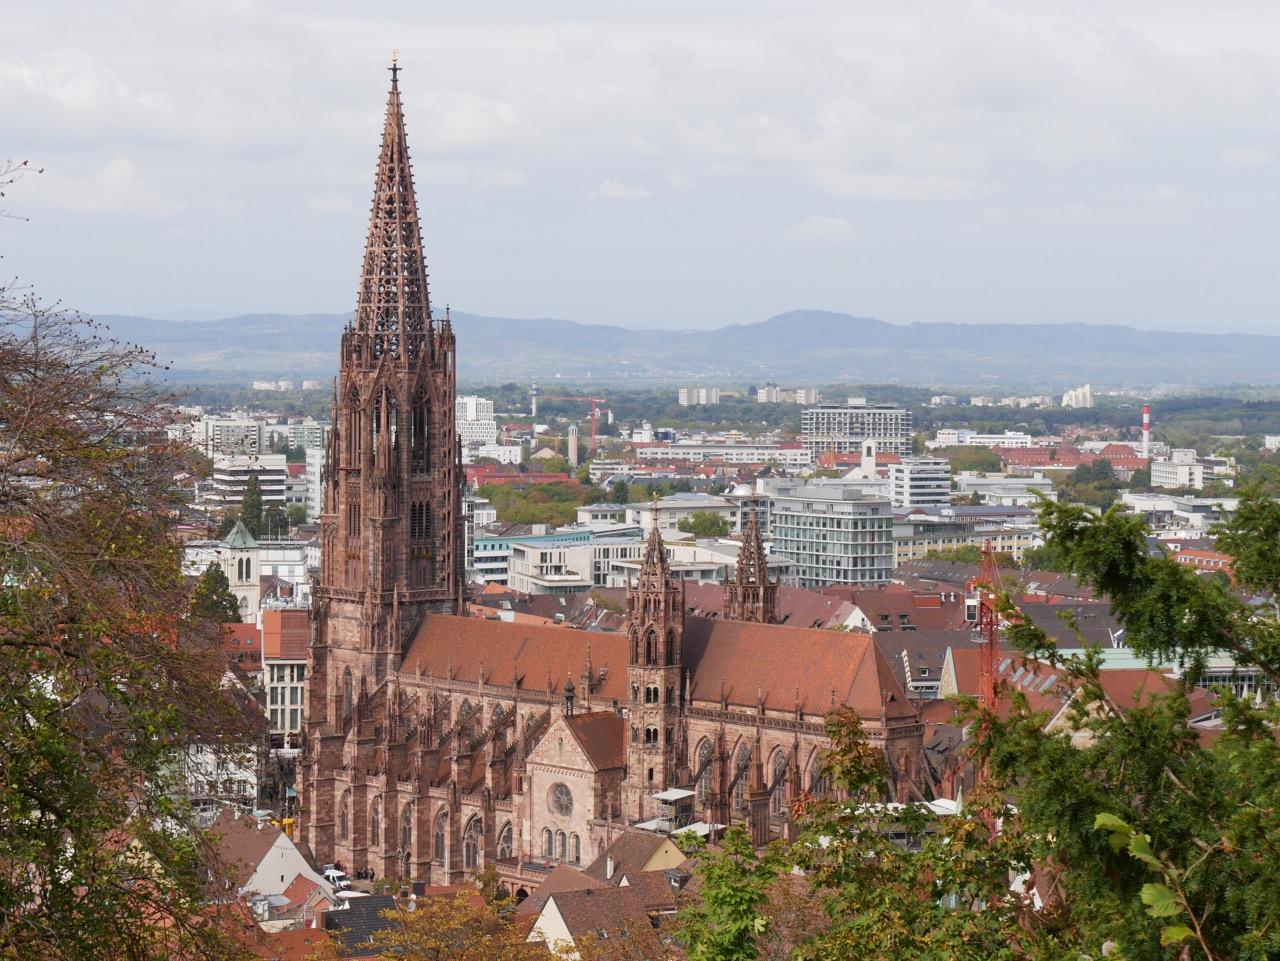 Südostansicht vom Schlossberg aus